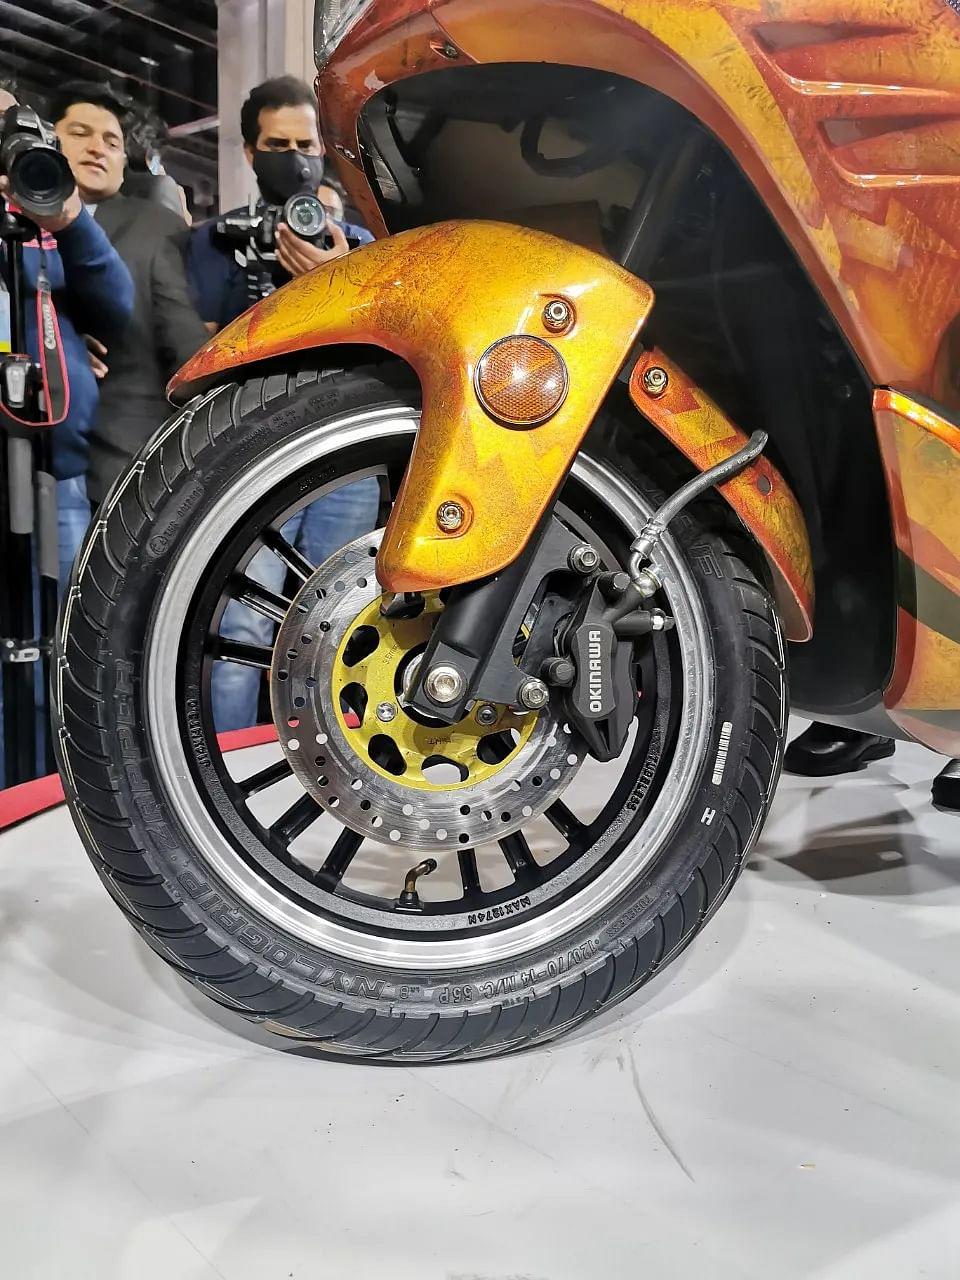 Auto Expo 2020: Okinawa Cruising ahead